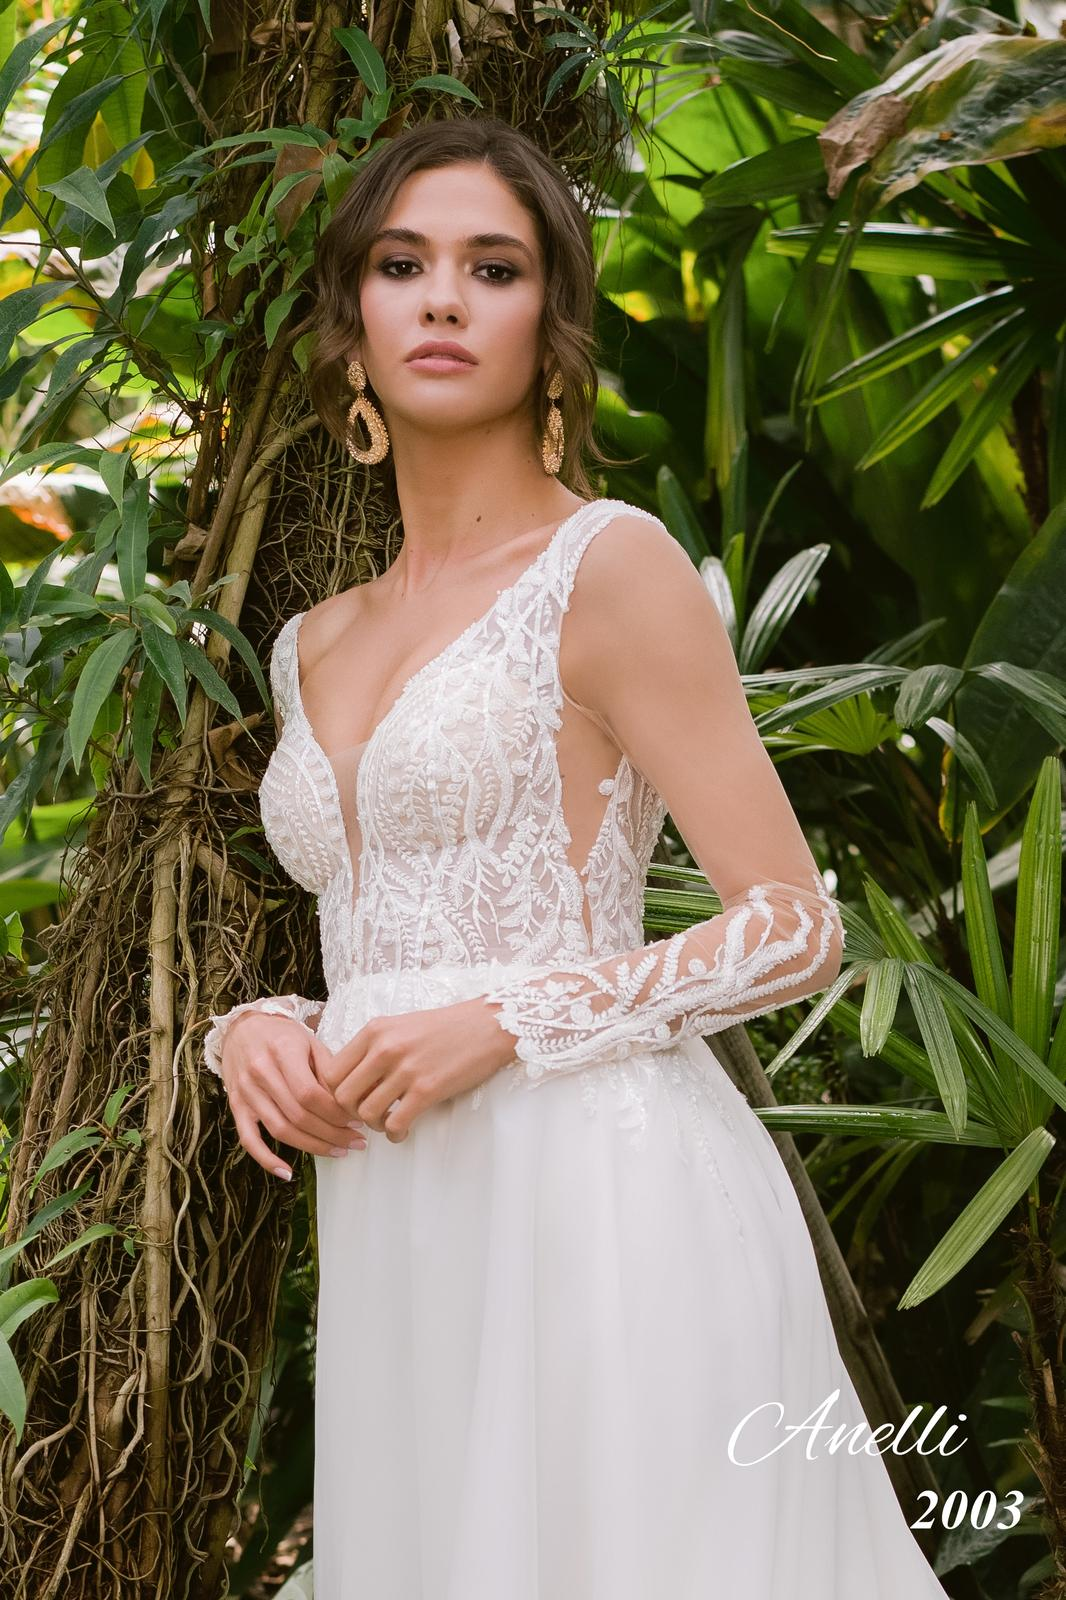 Svadobné šaty - Breeze 2003 - Obrázok č. 1